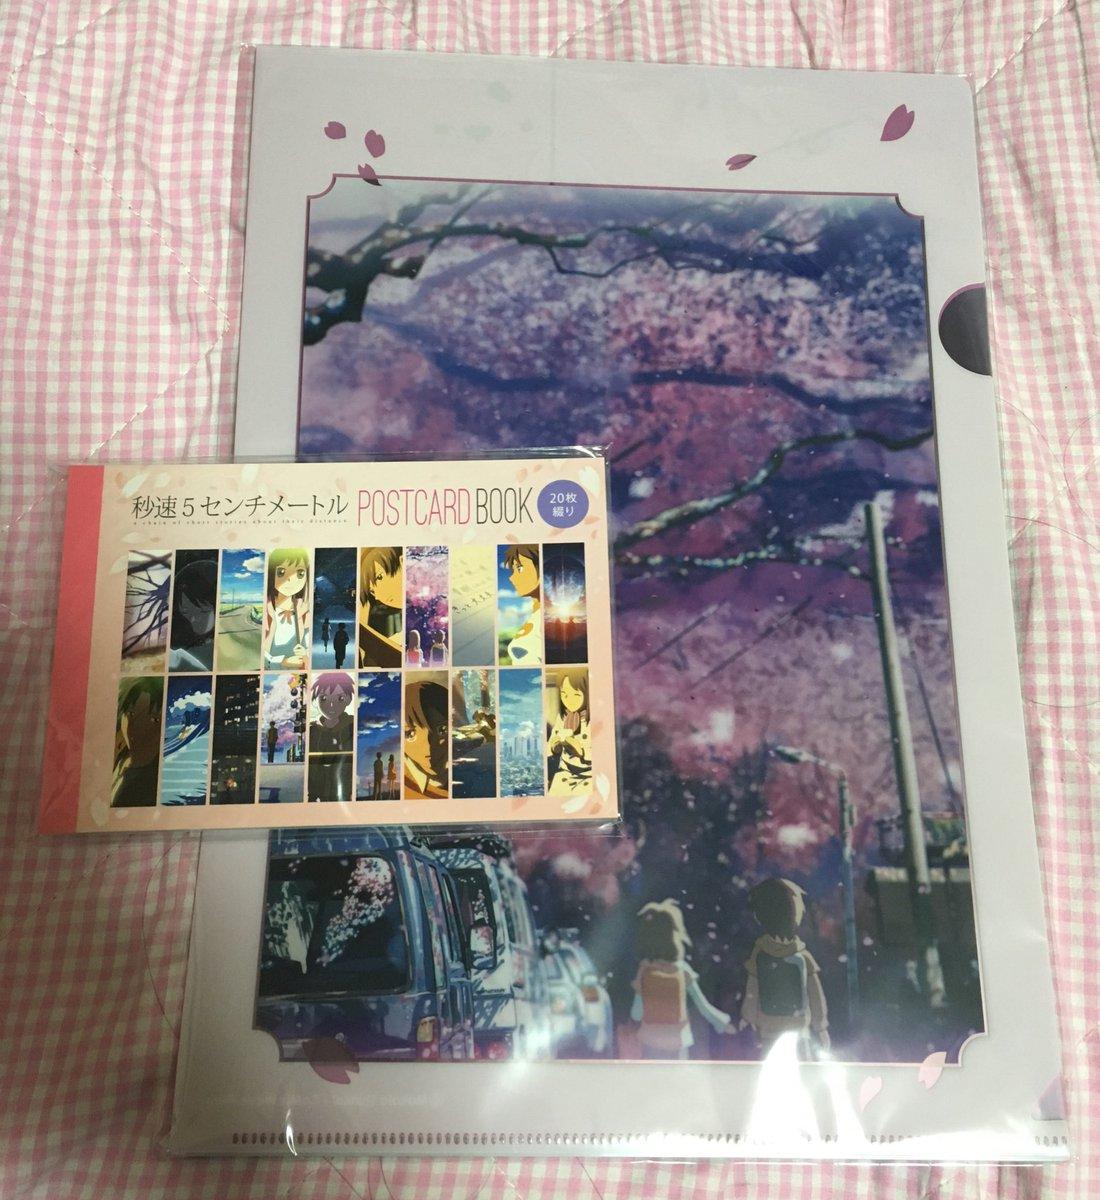 秒速5センチメートルのポストカードブックと、新海誠作品のクリアファイルセットを買ってきた。シネツインで見た記念にオススメ